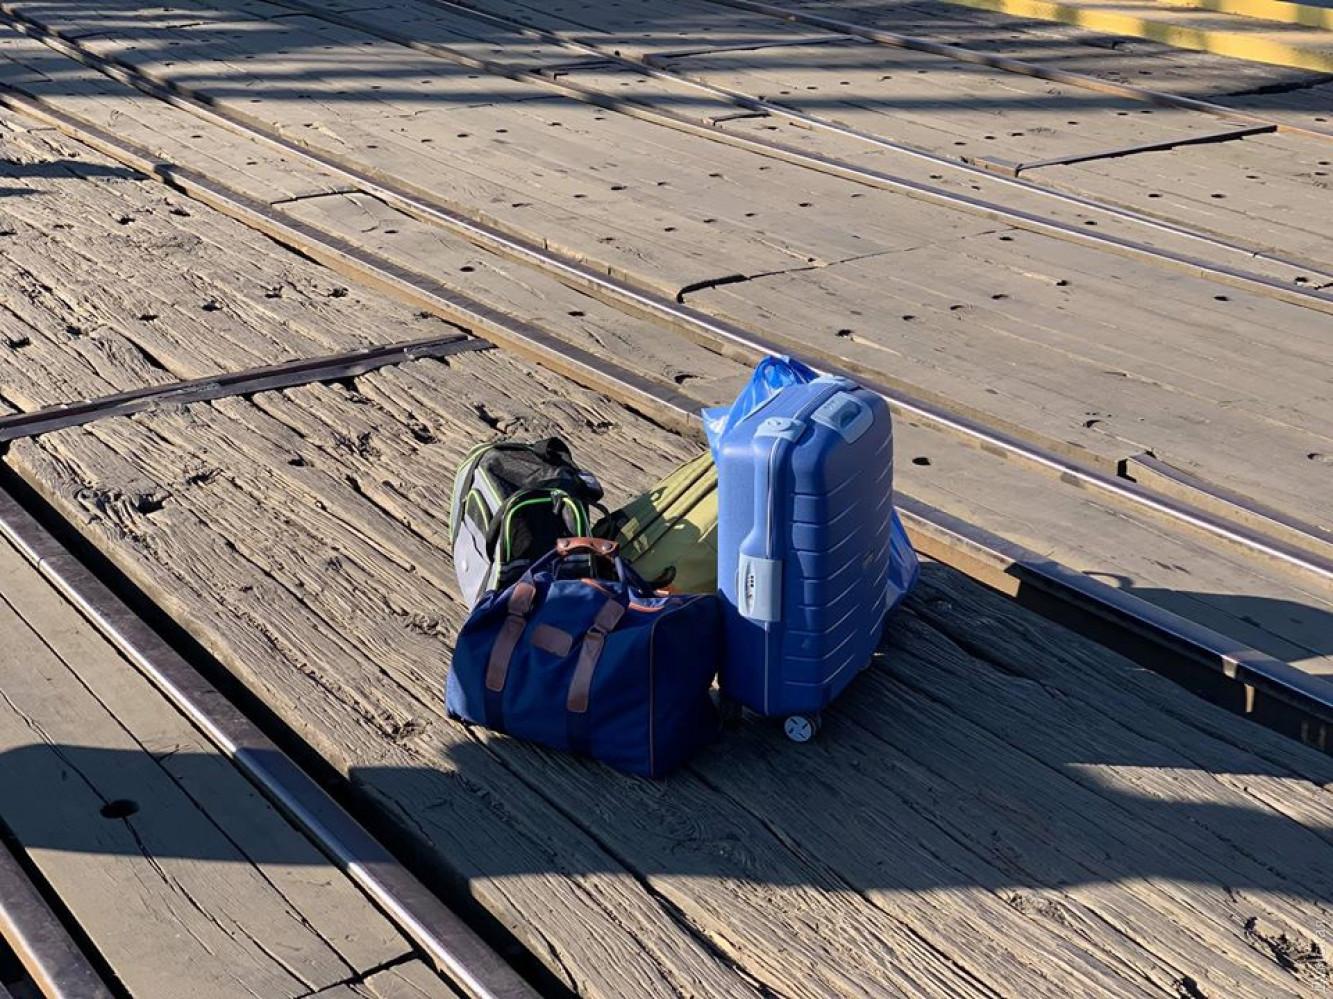 Вещи пассажиров: фото